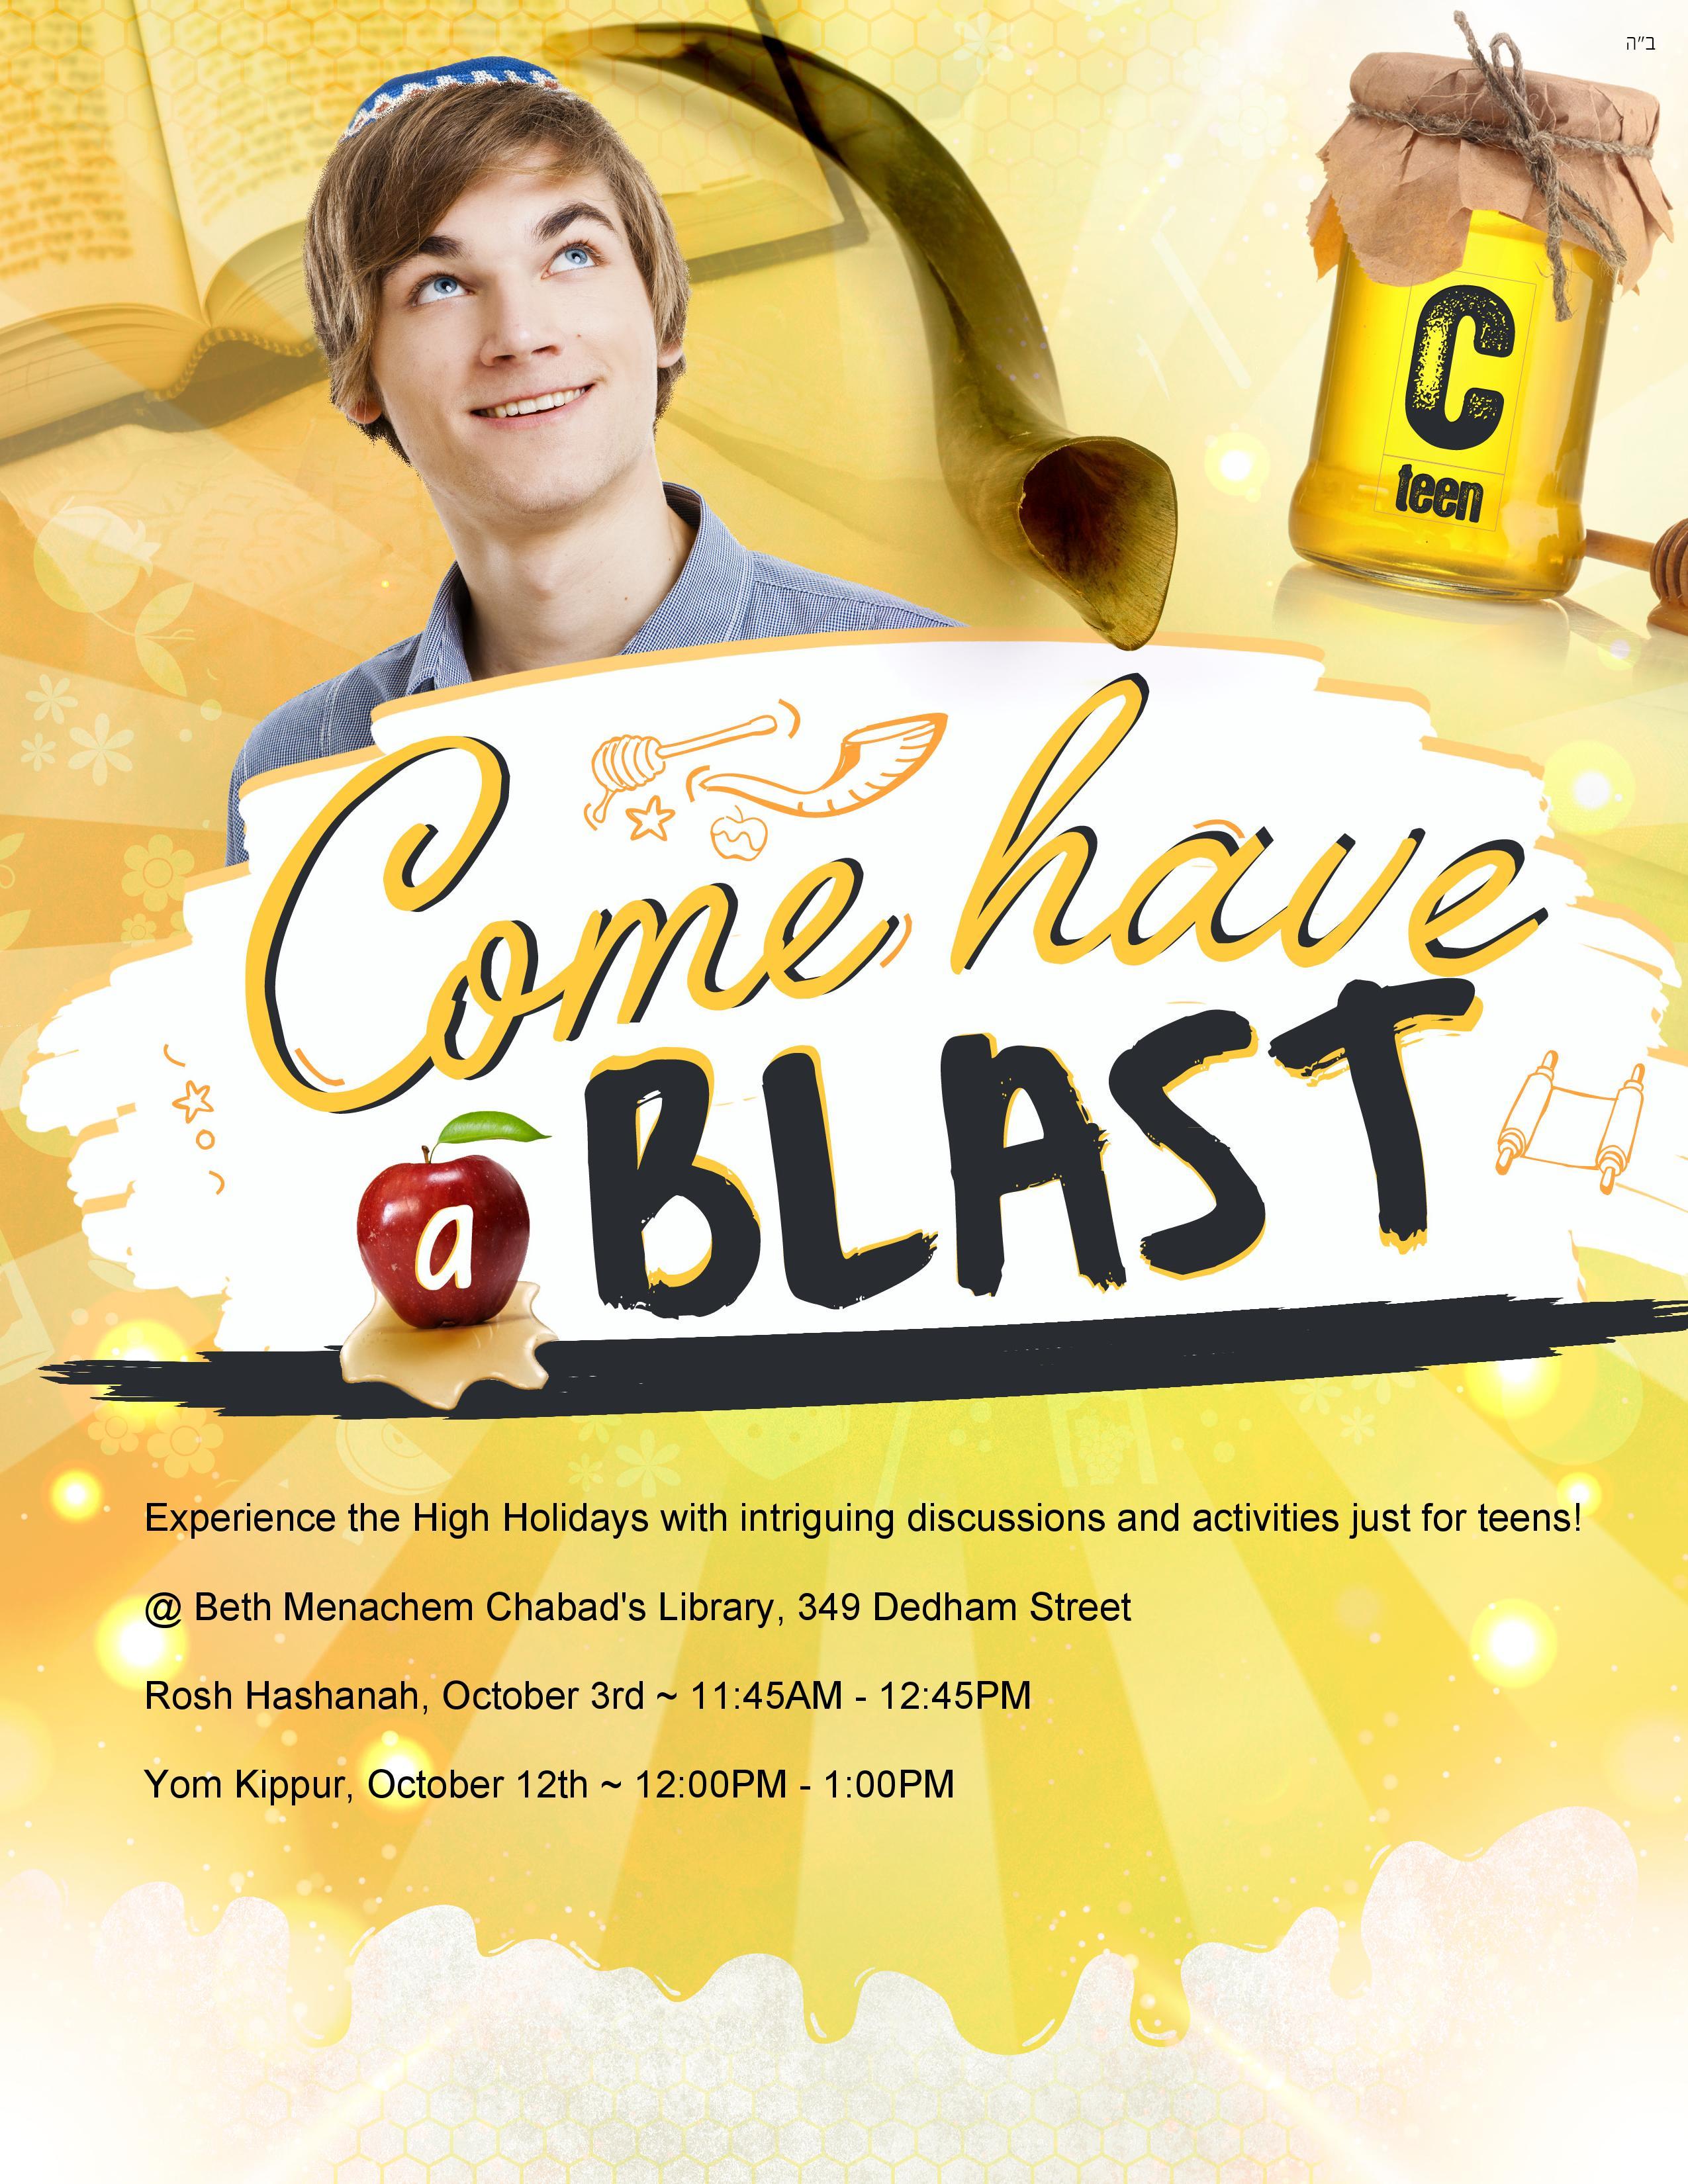 Come-have-a-blast!